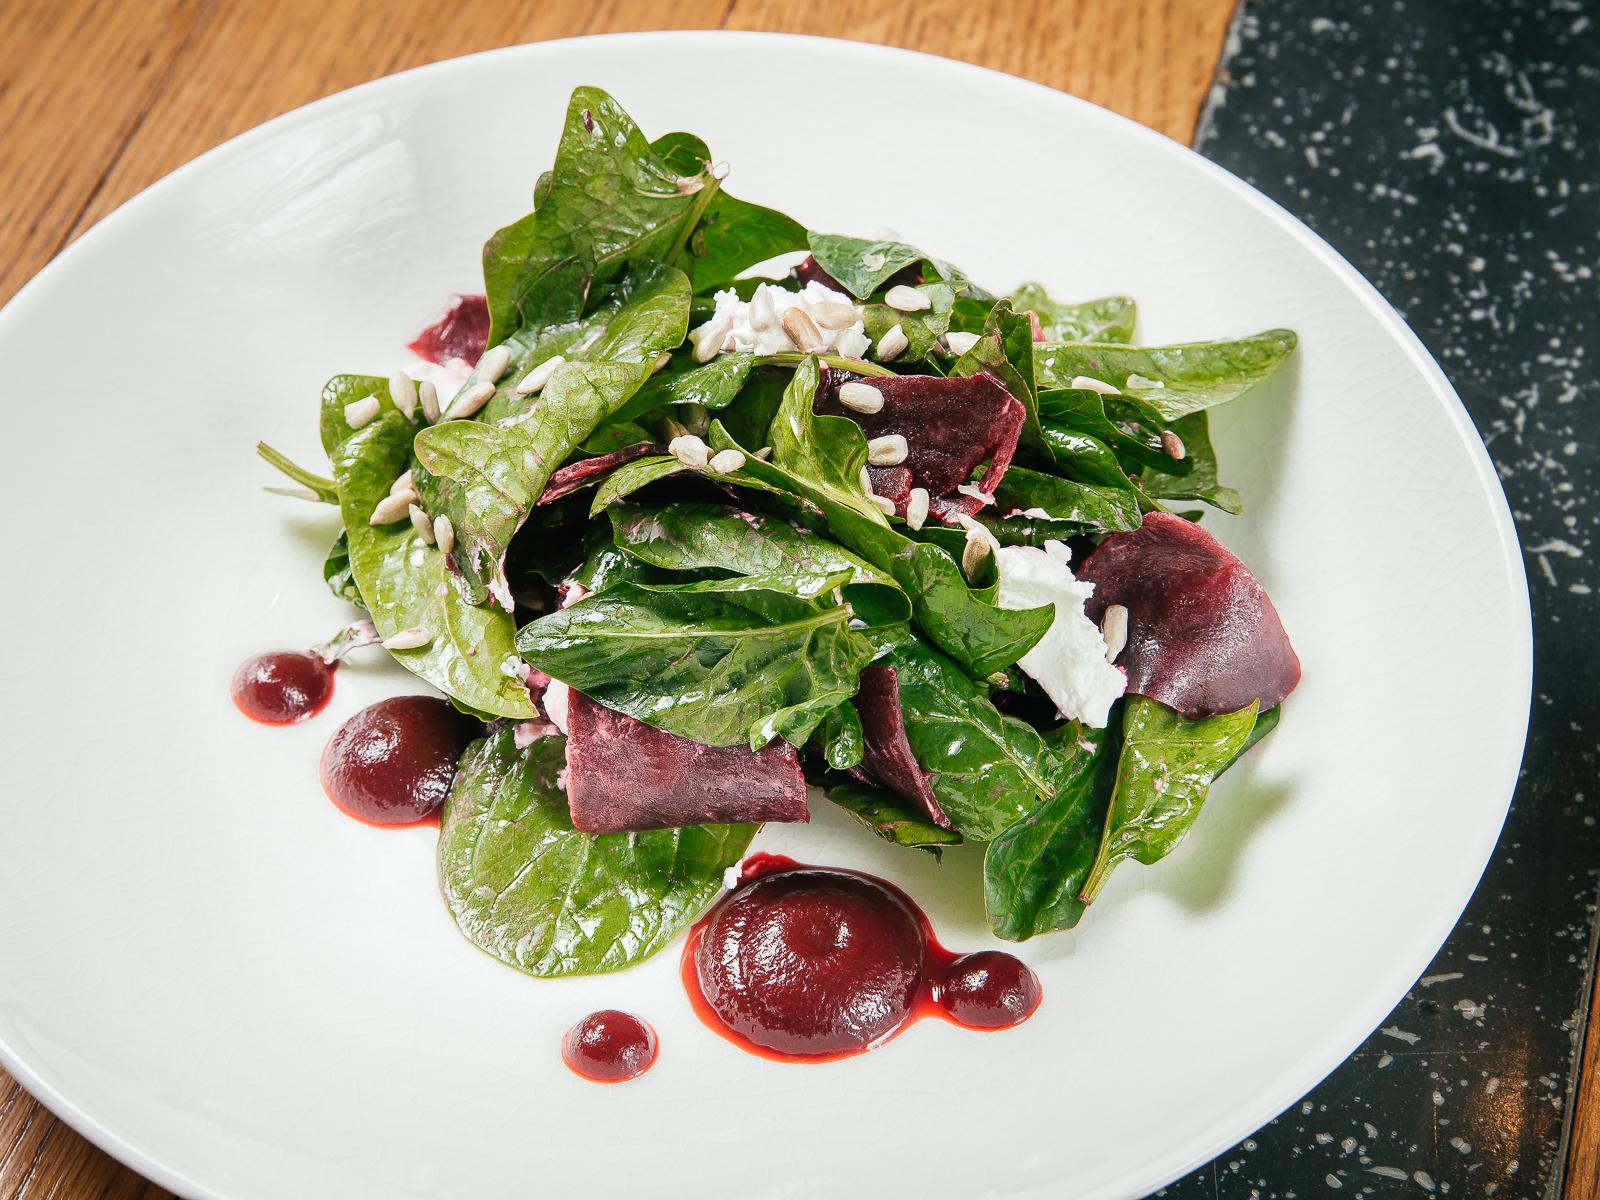 Салат с печеной свеклой, шпинатом и фермерским сыром